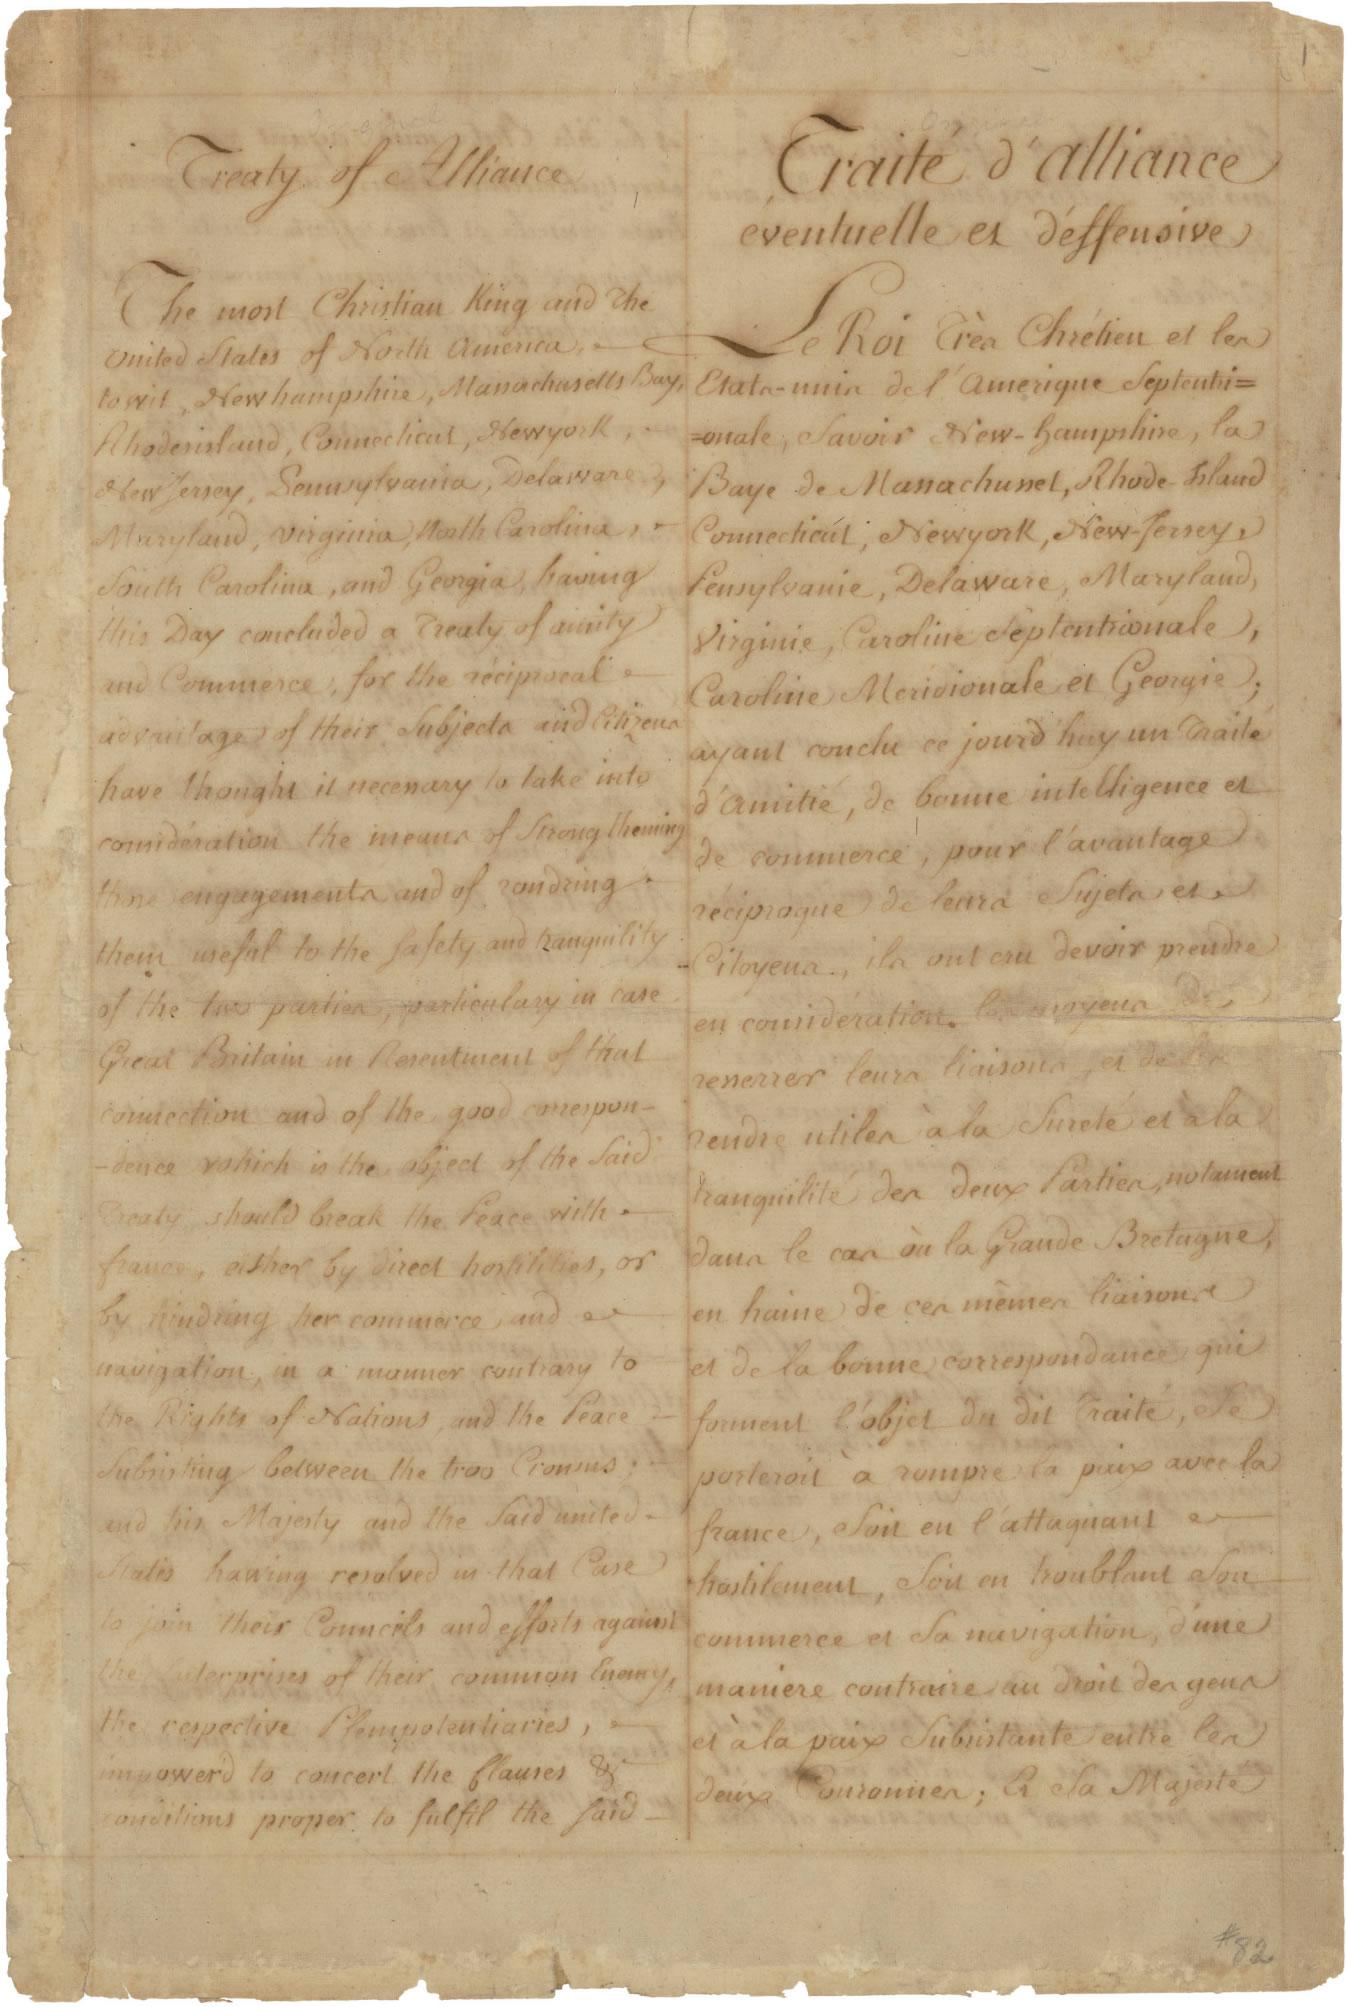 Treaty of Alliance 1960